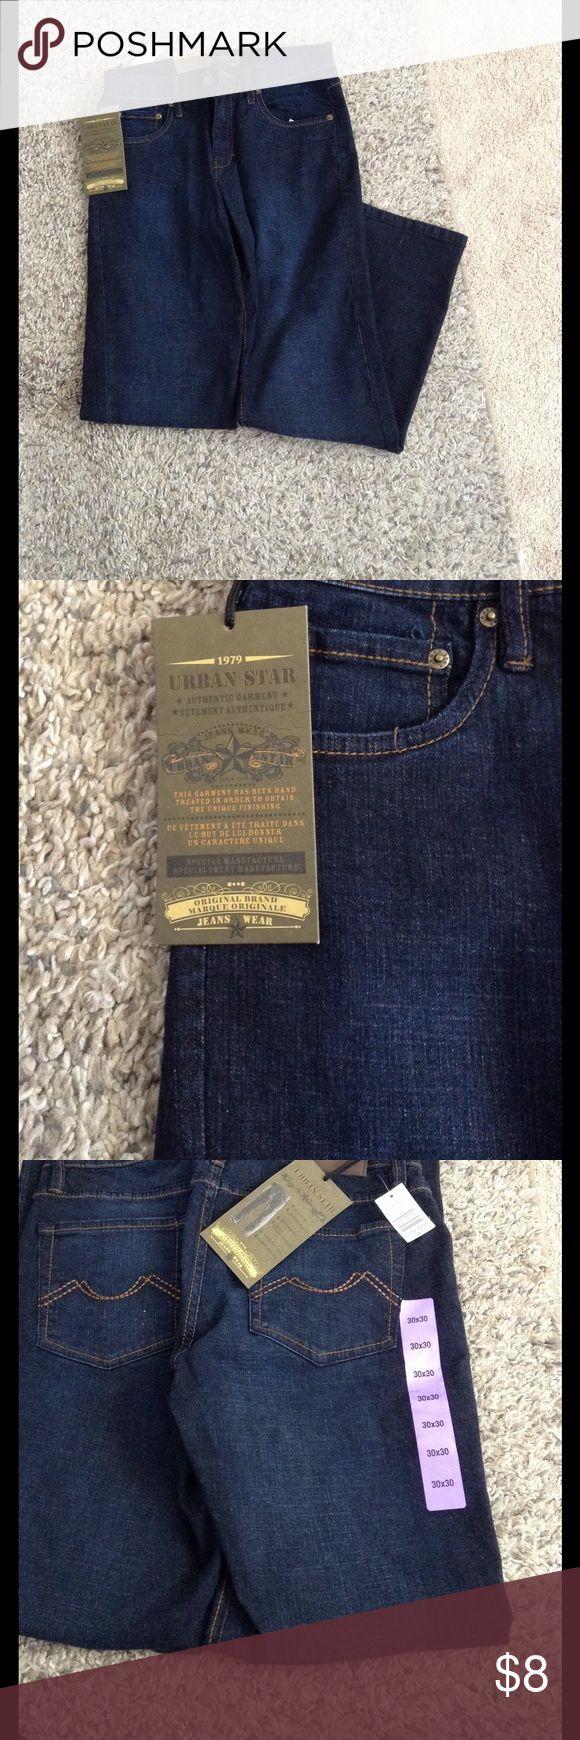 💕💕Dark Wash Jeans!💕💕 Brand new pair of Urban Star dark wash jeans!! Dark denim regular fit. Authentic garment! urban star Jeans Relaxed